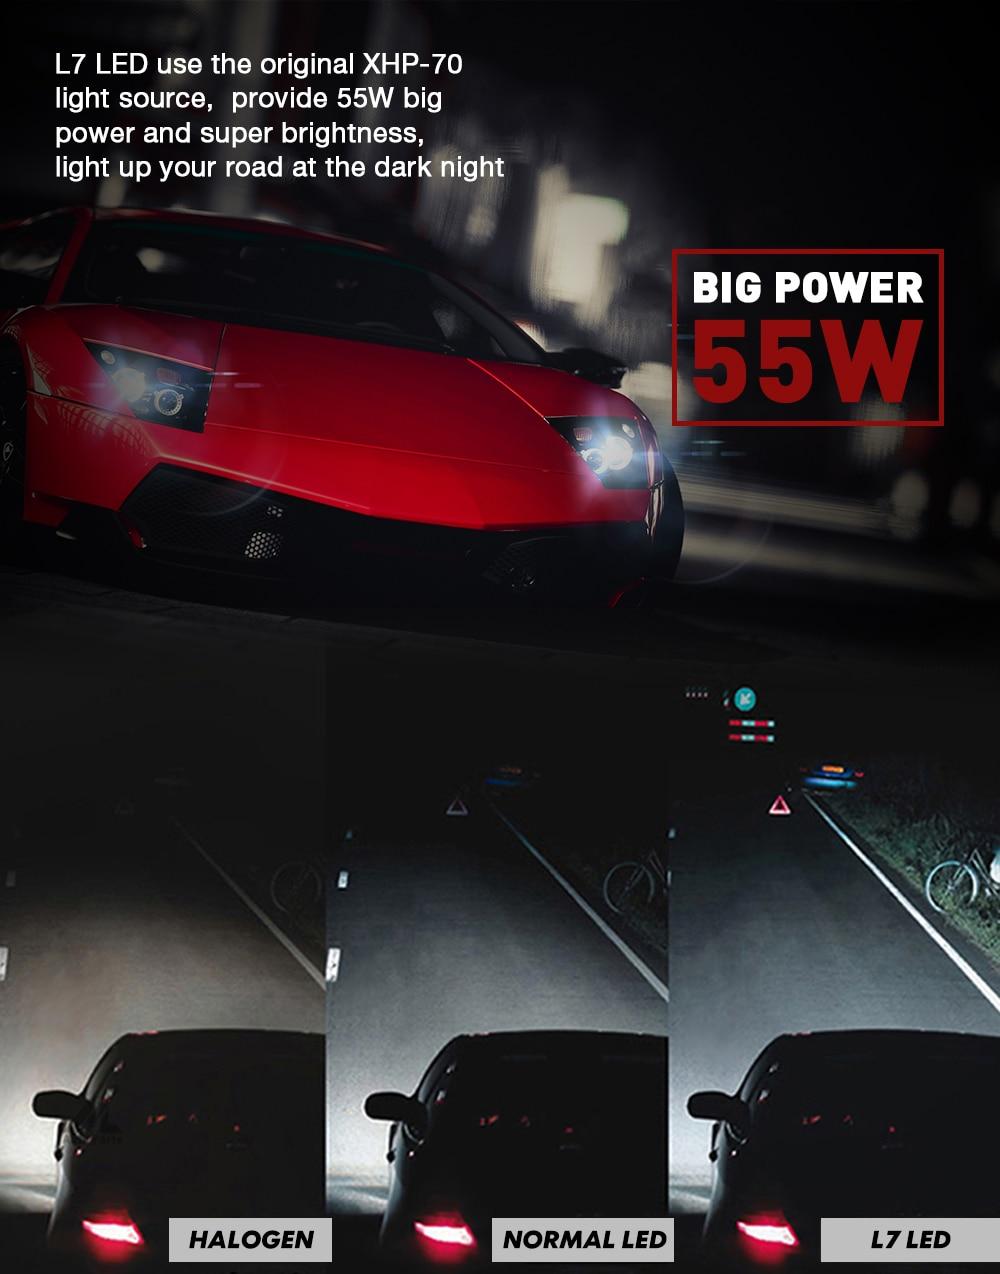 Xenplus H7 светодиодные лампы 110 Вт 13200lm 12V Cree XHP70 чипы L7 авто фары H4 H11 D2S HB3 HB4 9004 9007 H13 супер яркий светодиодный светильник - 6